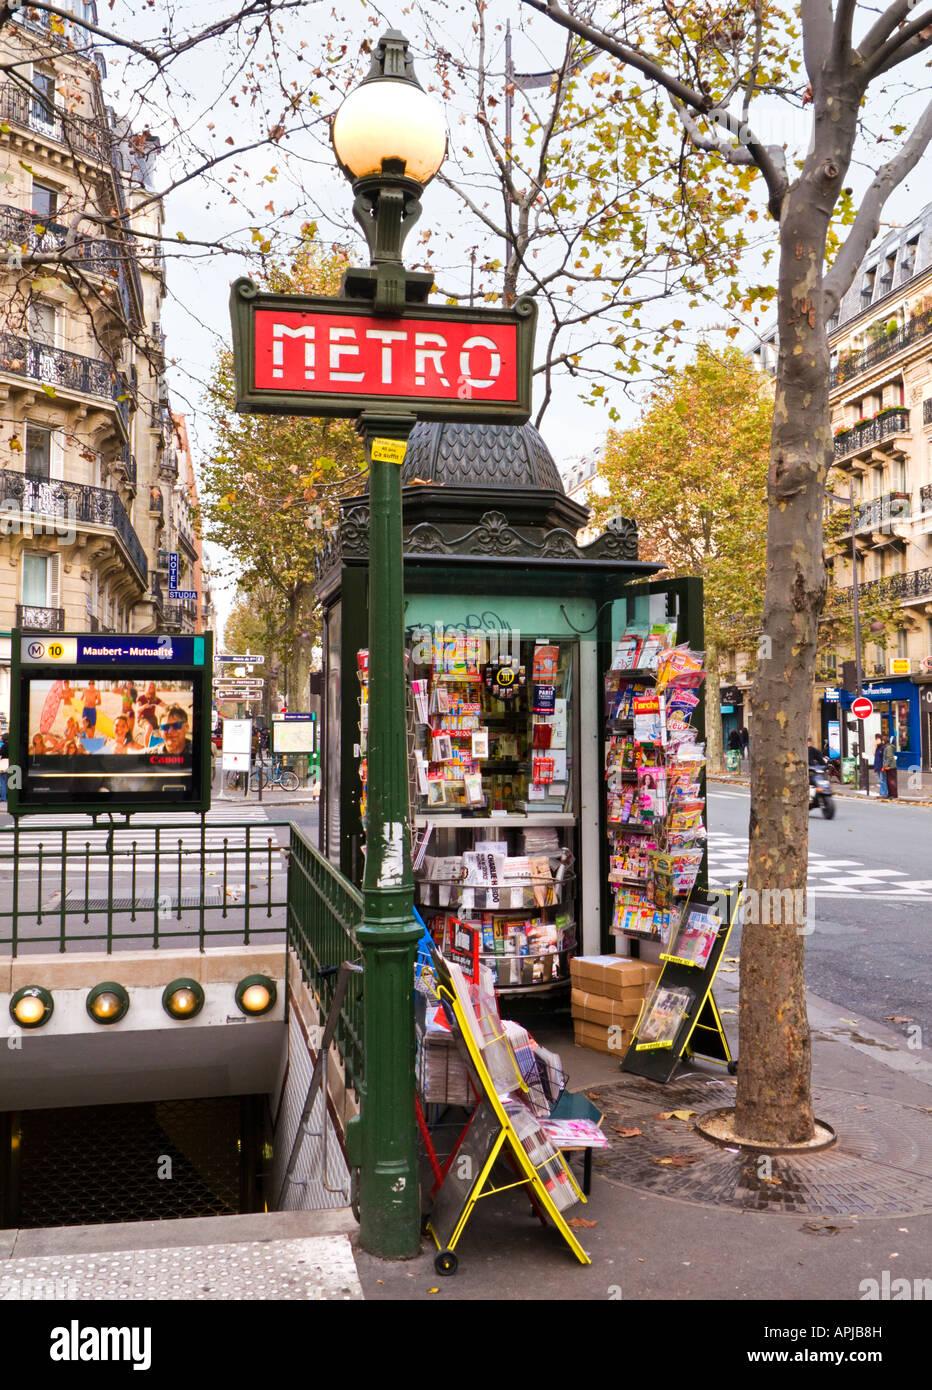 Entrée de la station de métro de Paris, Place Monge, sur le Boulevard Saint-Germain Photo Stock